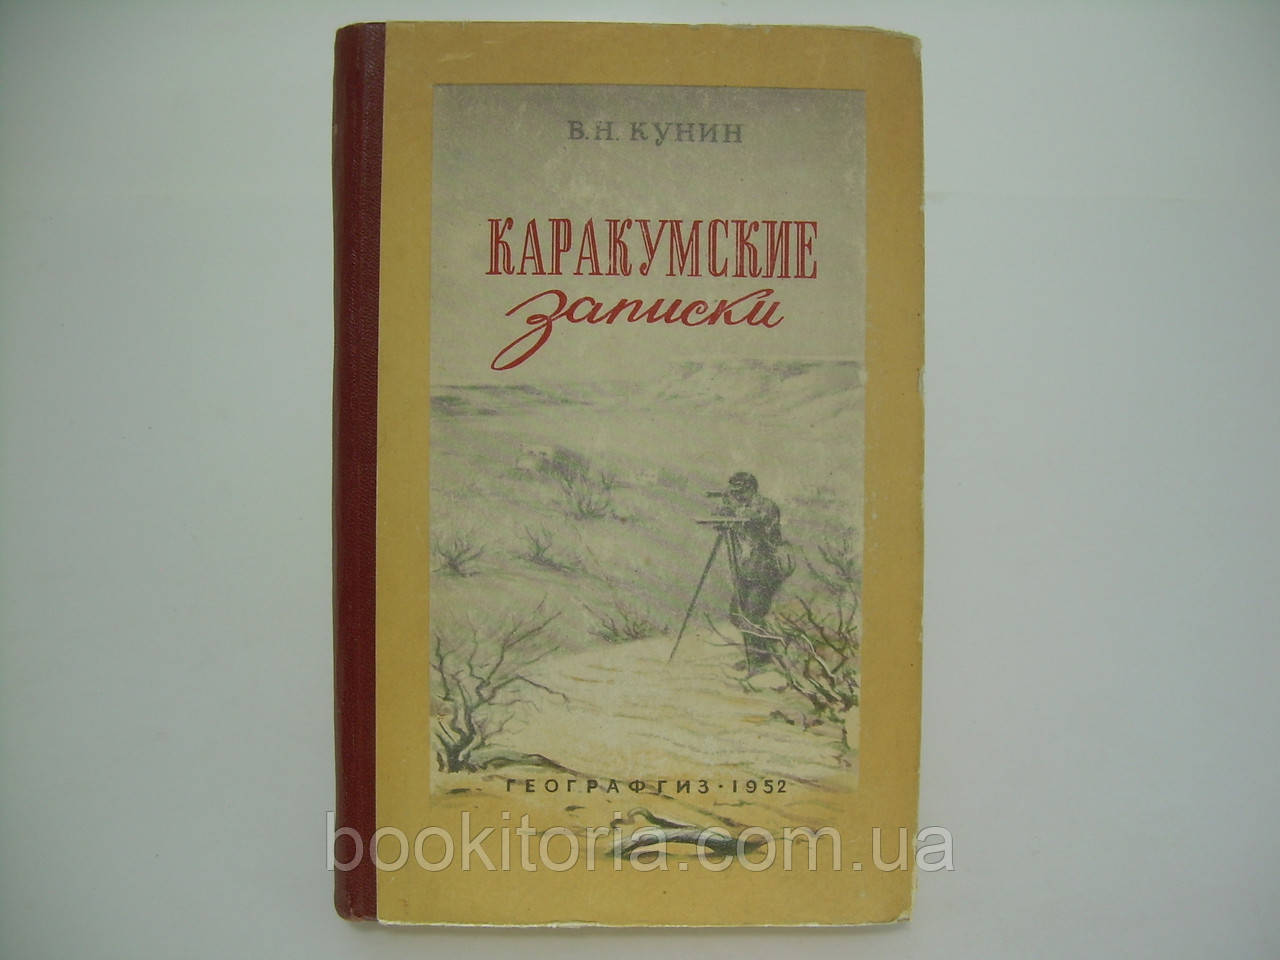 Кунин В.Н. Каракумские записки (б/у).